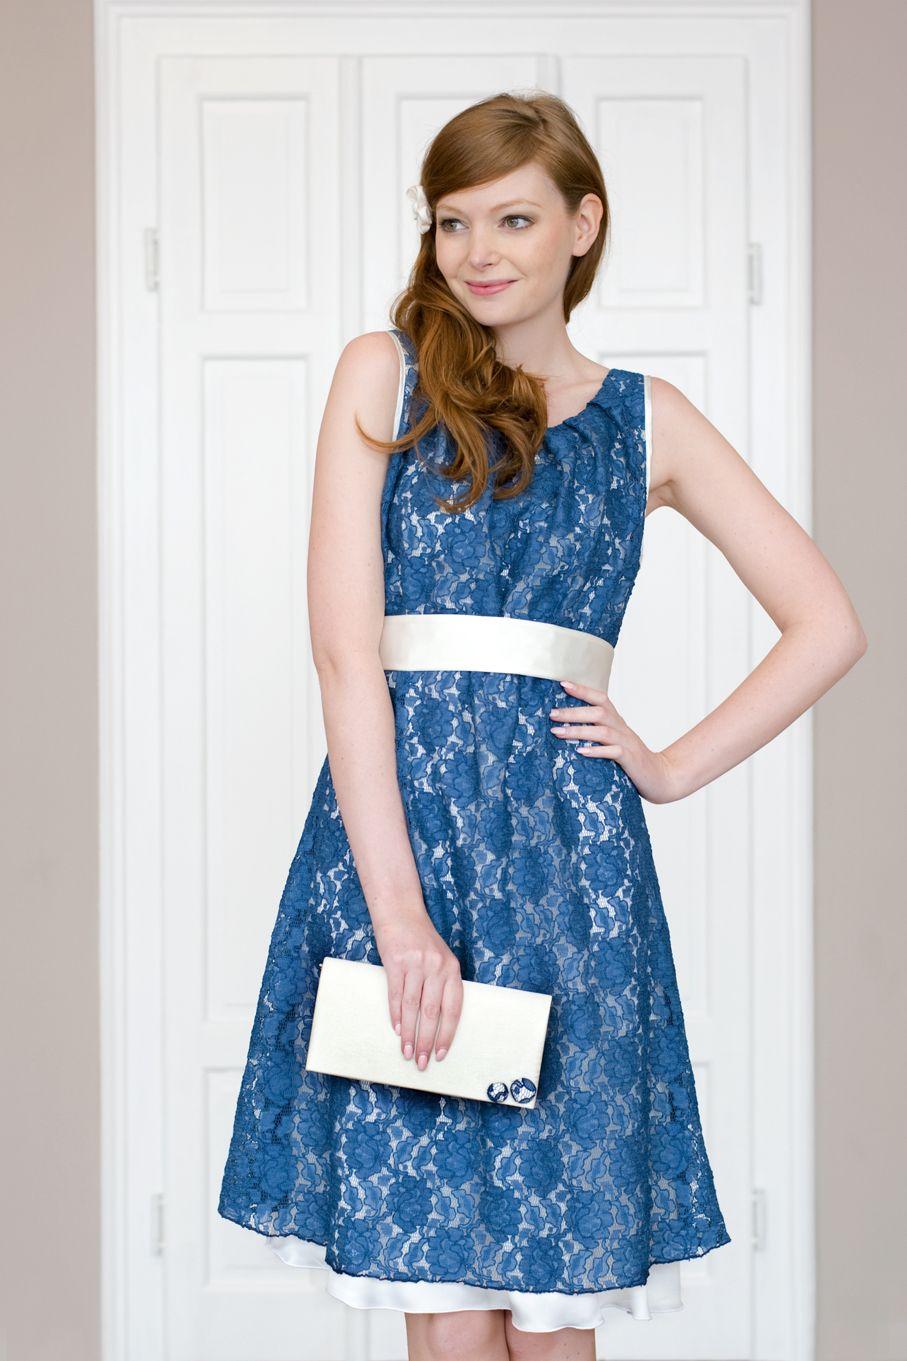 Labude - Spitzenkleid Chiara petrol Hochzeitsgast Elegantes Kleid ...